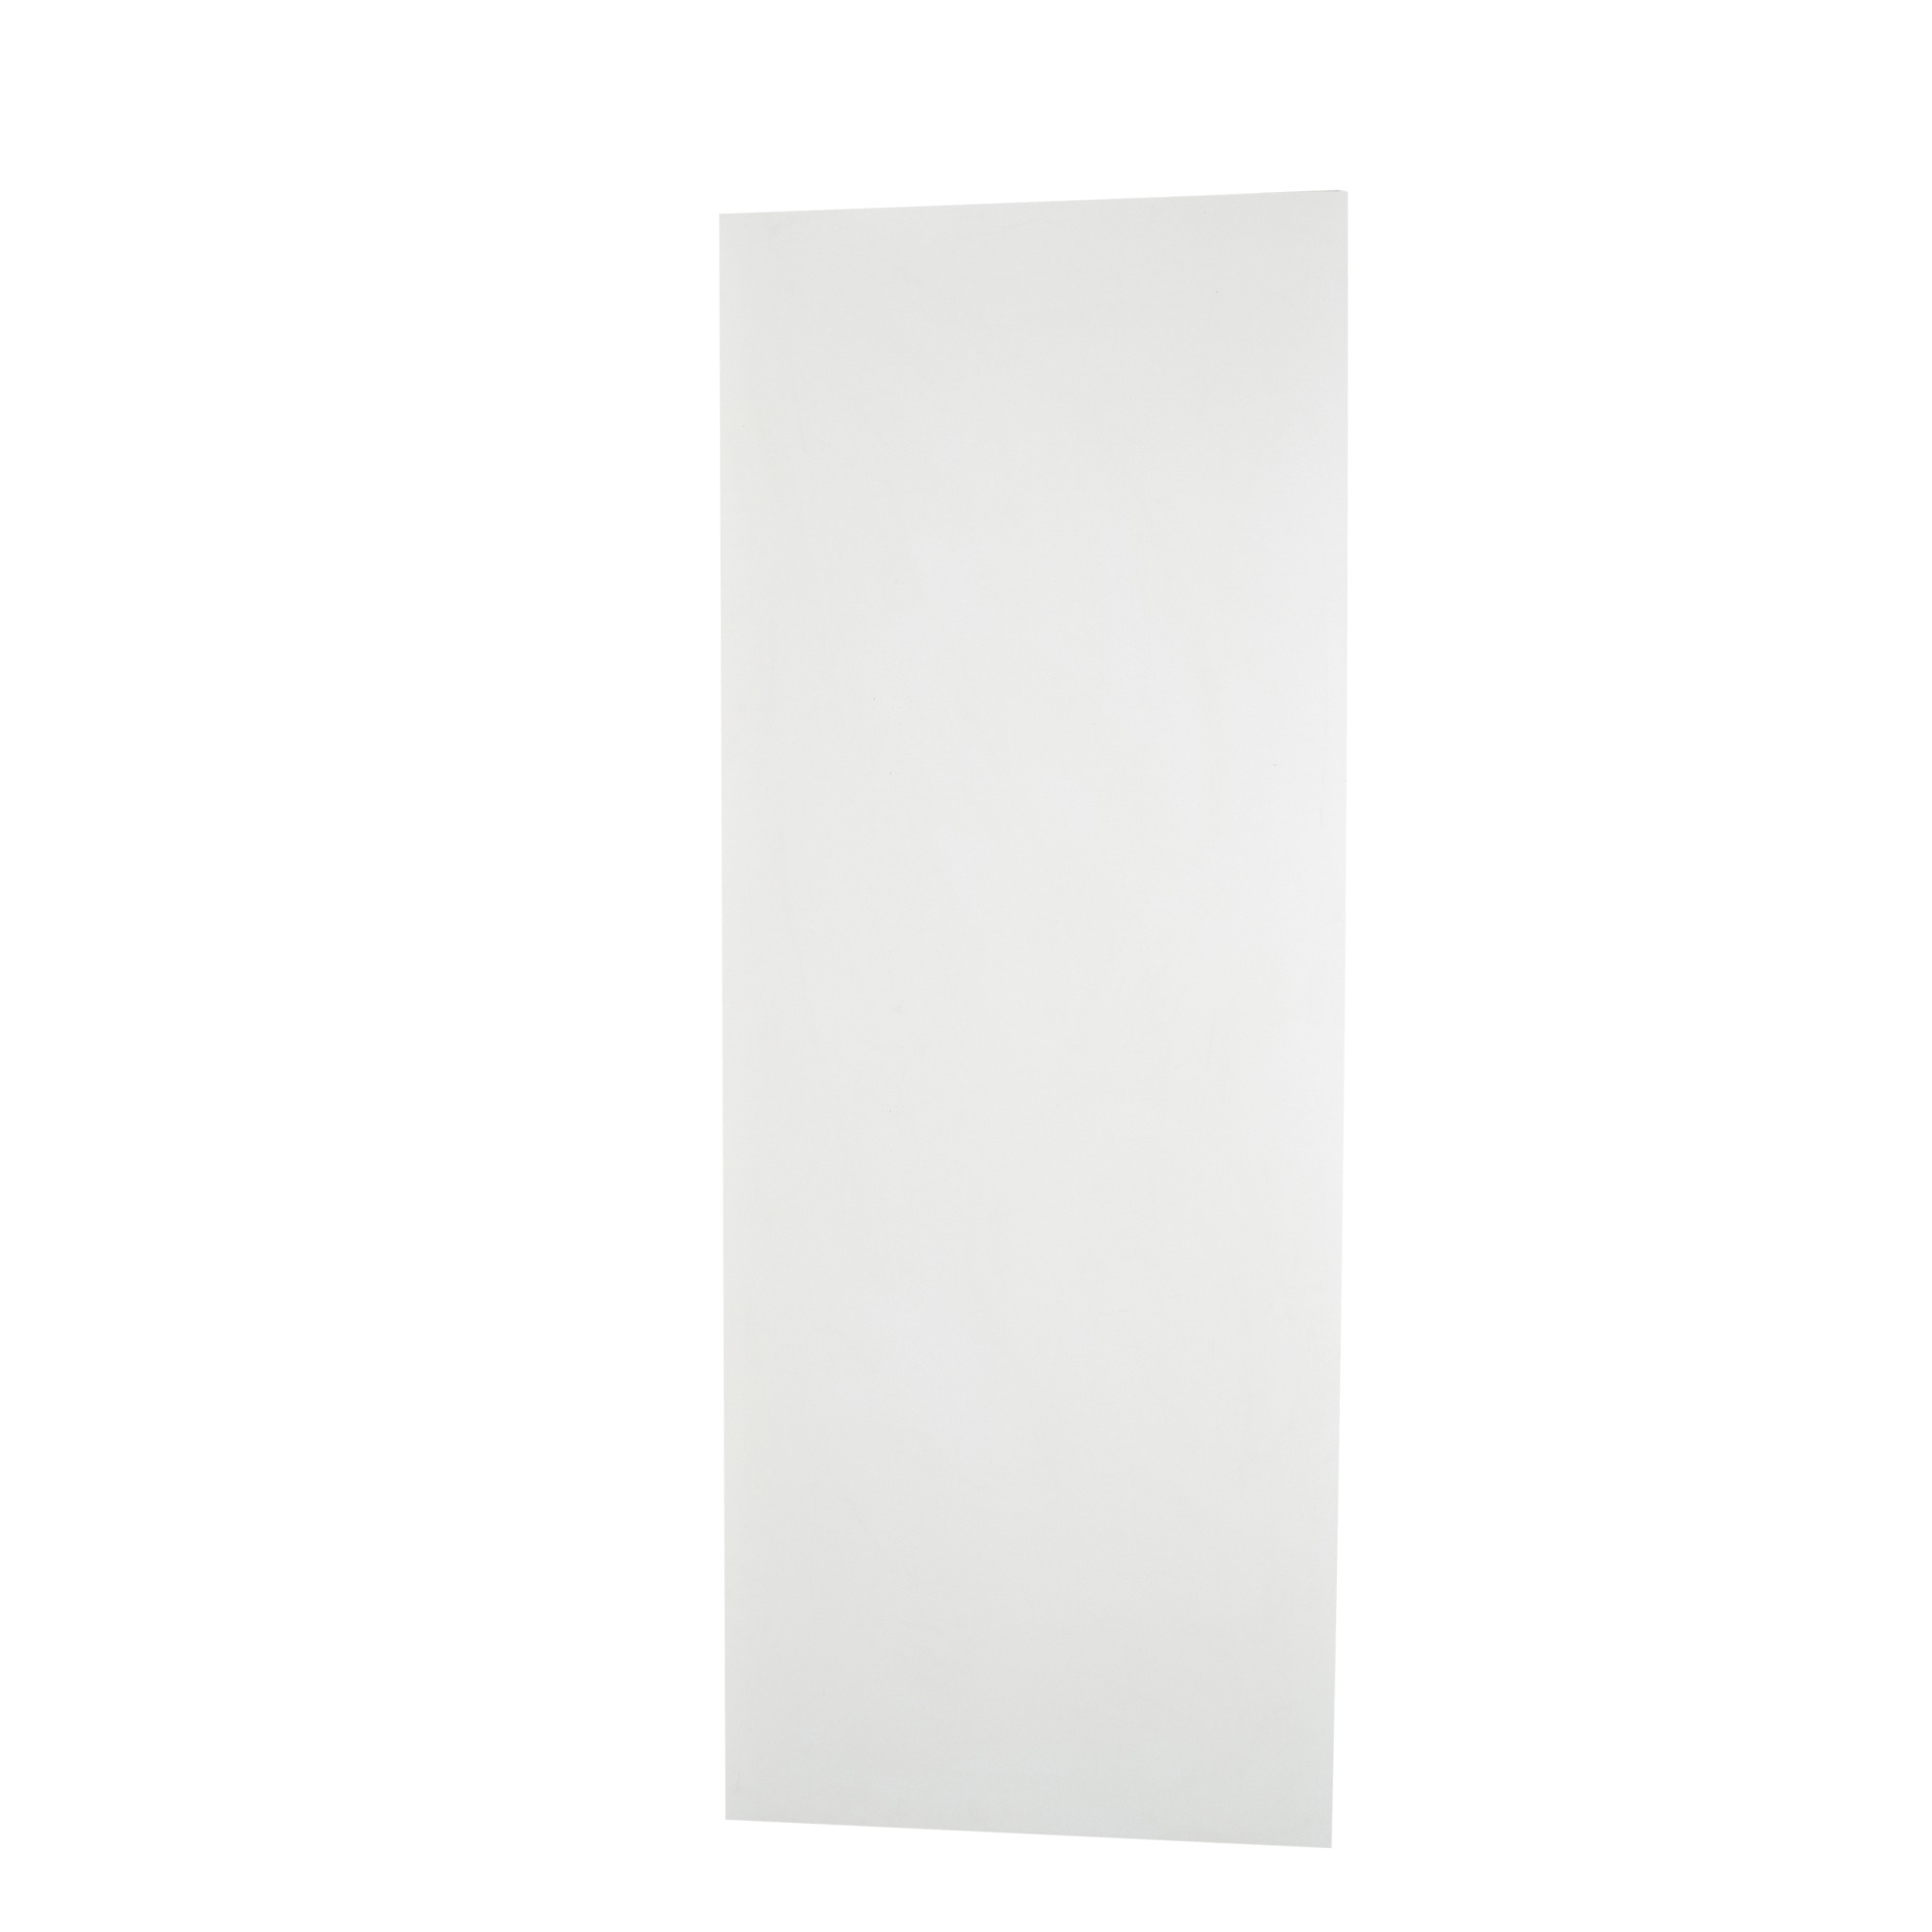 Porta de Madeira de Abrir Lisa Semissolido 70 x 210cm Pinus - Branco - Madelar